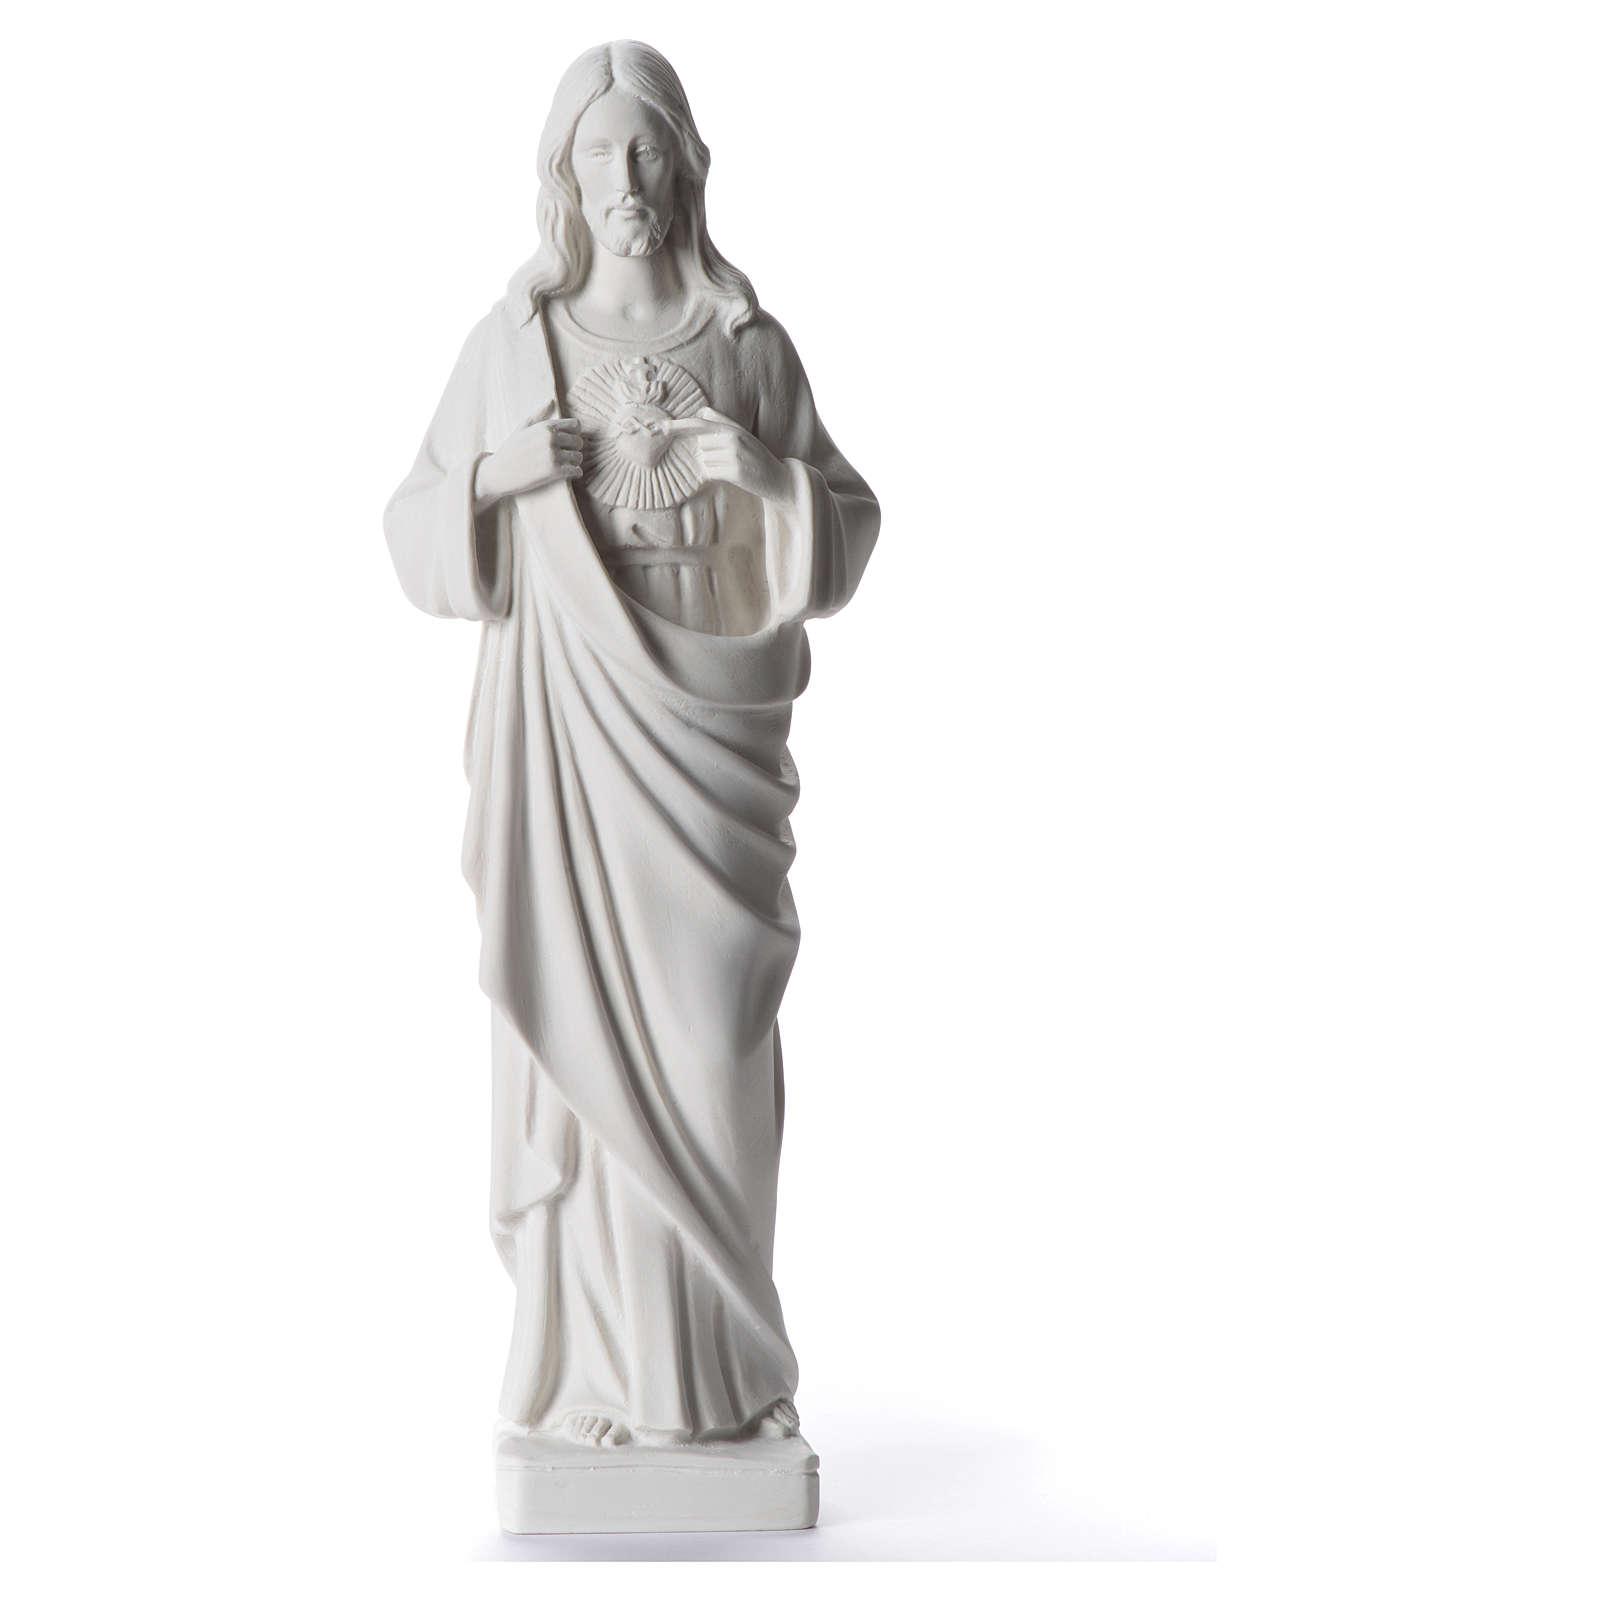 Sagrado Coração Jesus 38-53 cm pó de mármore branco 38 cm 4